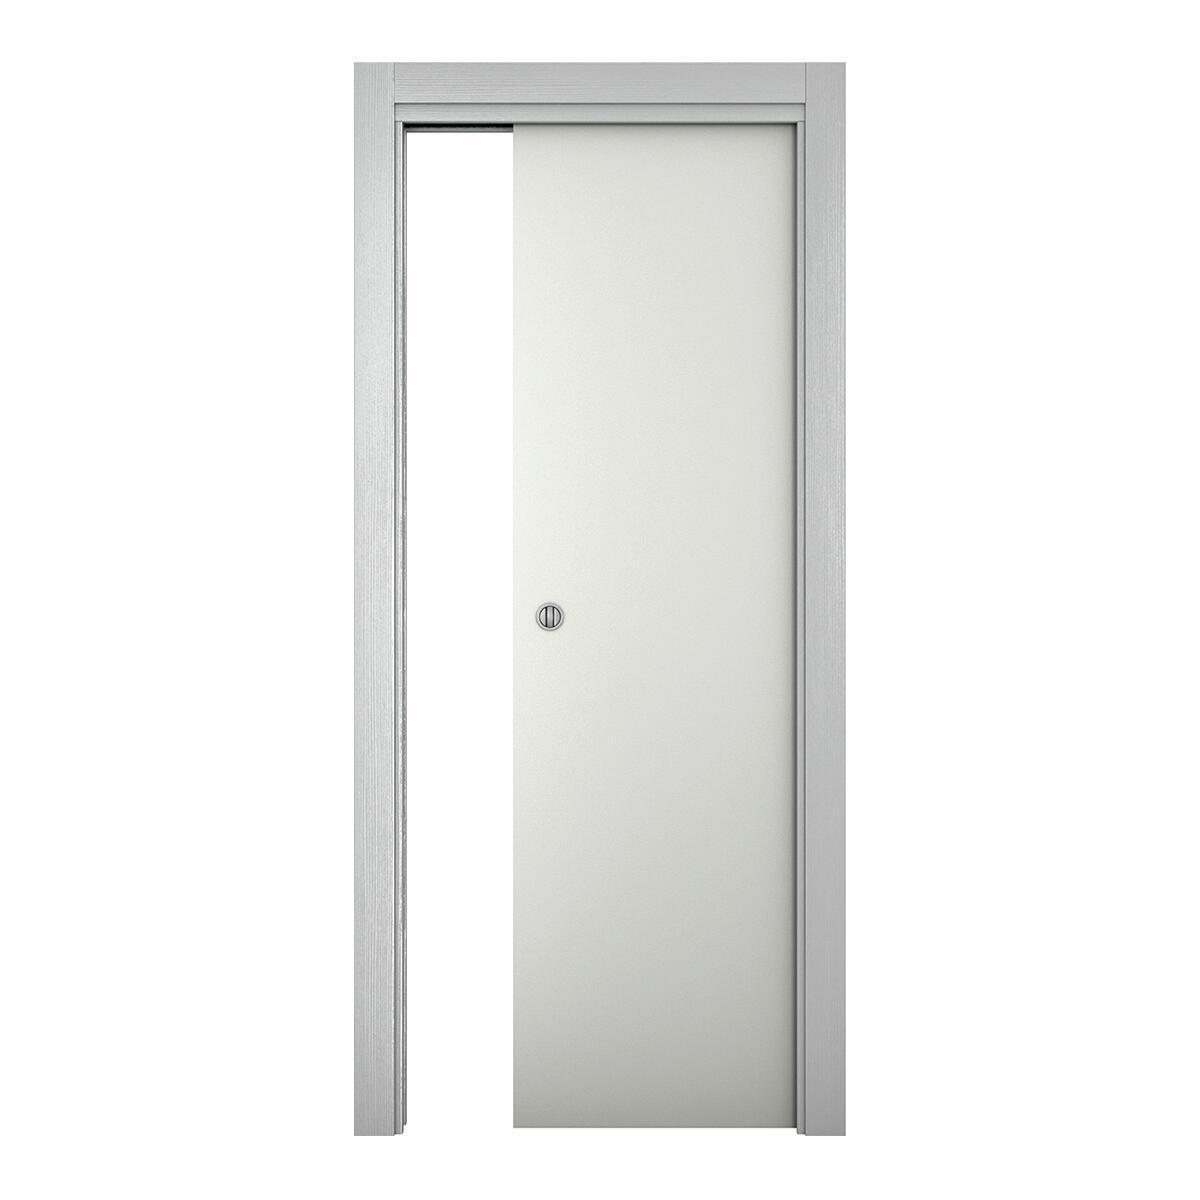 Porta scorrevole a scomparsa Bath bianco laccato L 80 x H 210 cm reversibile